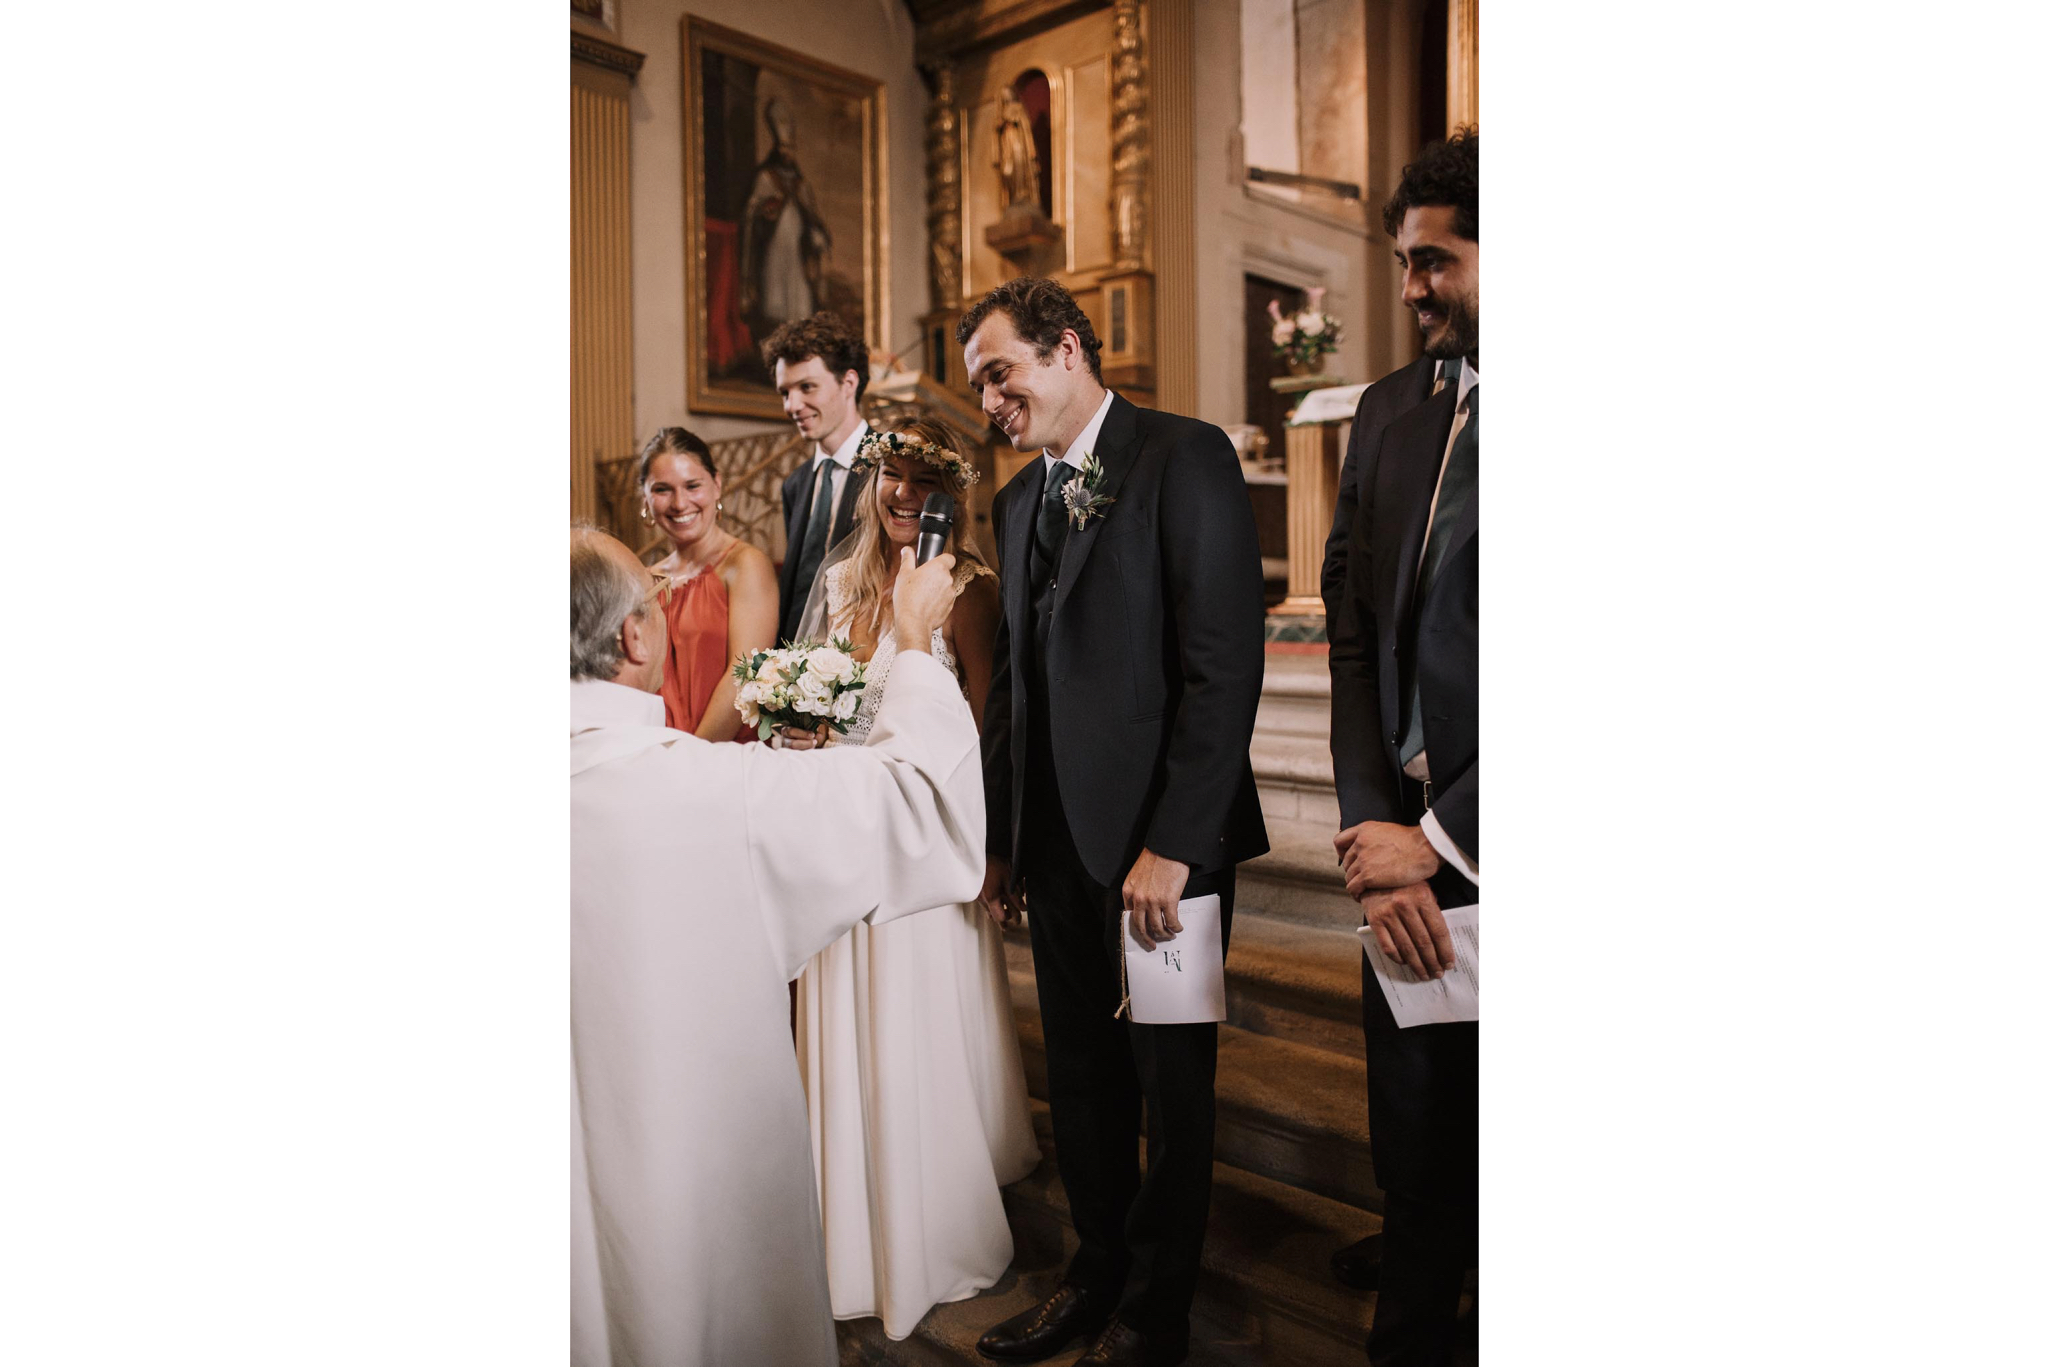 Photographe-mariage-bordeaux-jeremy-boyer-pays-basque-ihartze-artea-sare-robe-eleonore-pauc-couple-amour-68.jpg